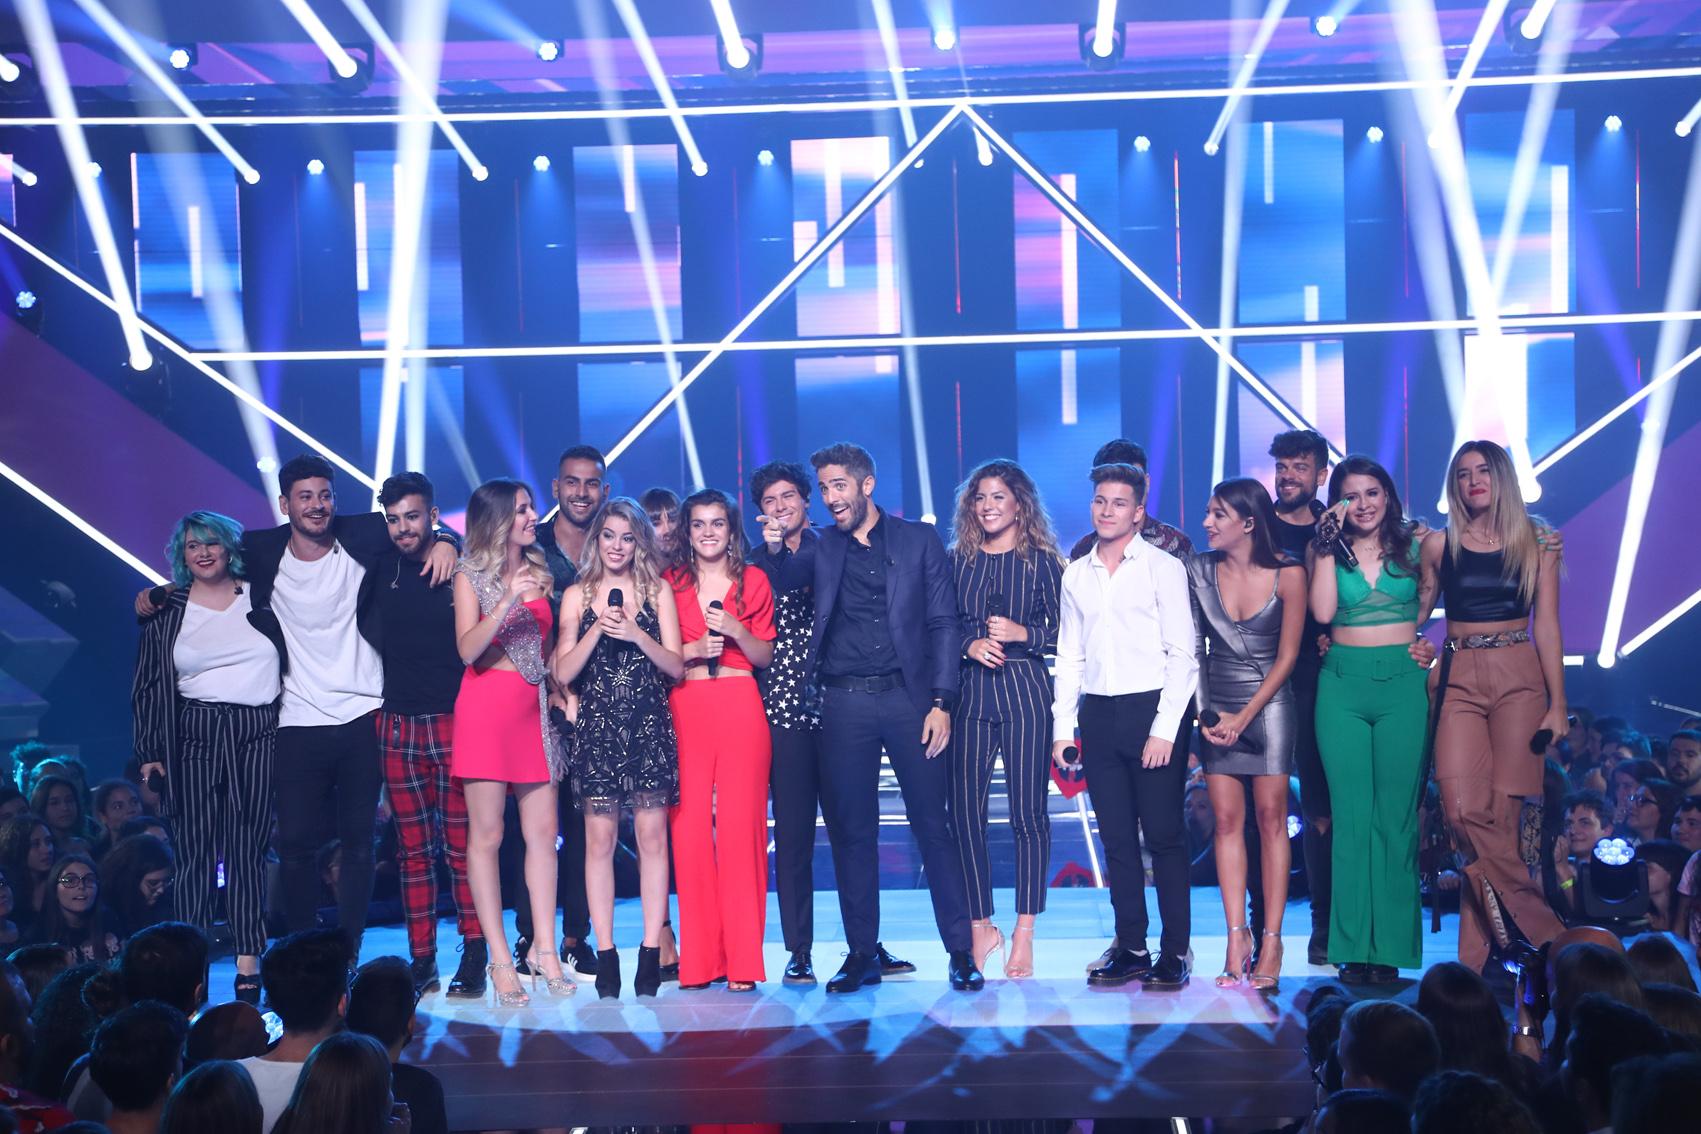 5dbb2a2f21 OT 2018 - Gala 0 Completa - RTVE.es